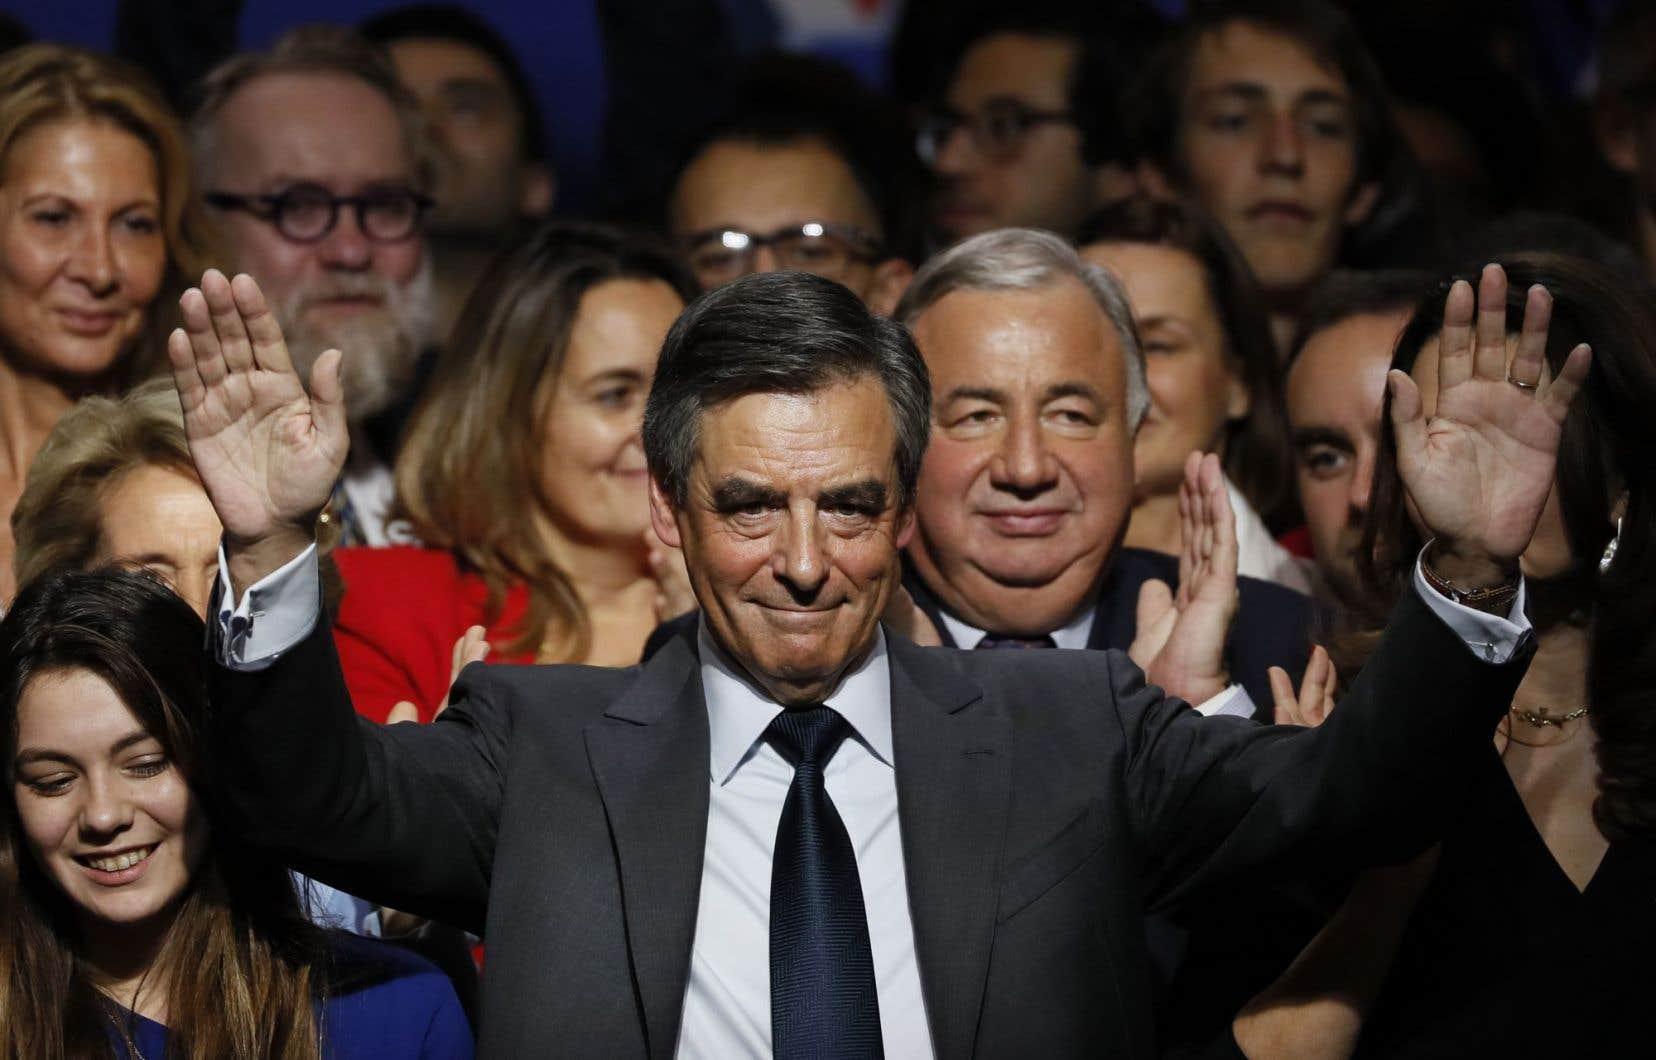 «L'héritage du général de Gaulle en matière d'affaires étrangères, y compris à l'endroit du Québec, François Fillon l'assume pleinement», écrit Louise Beaudoin.